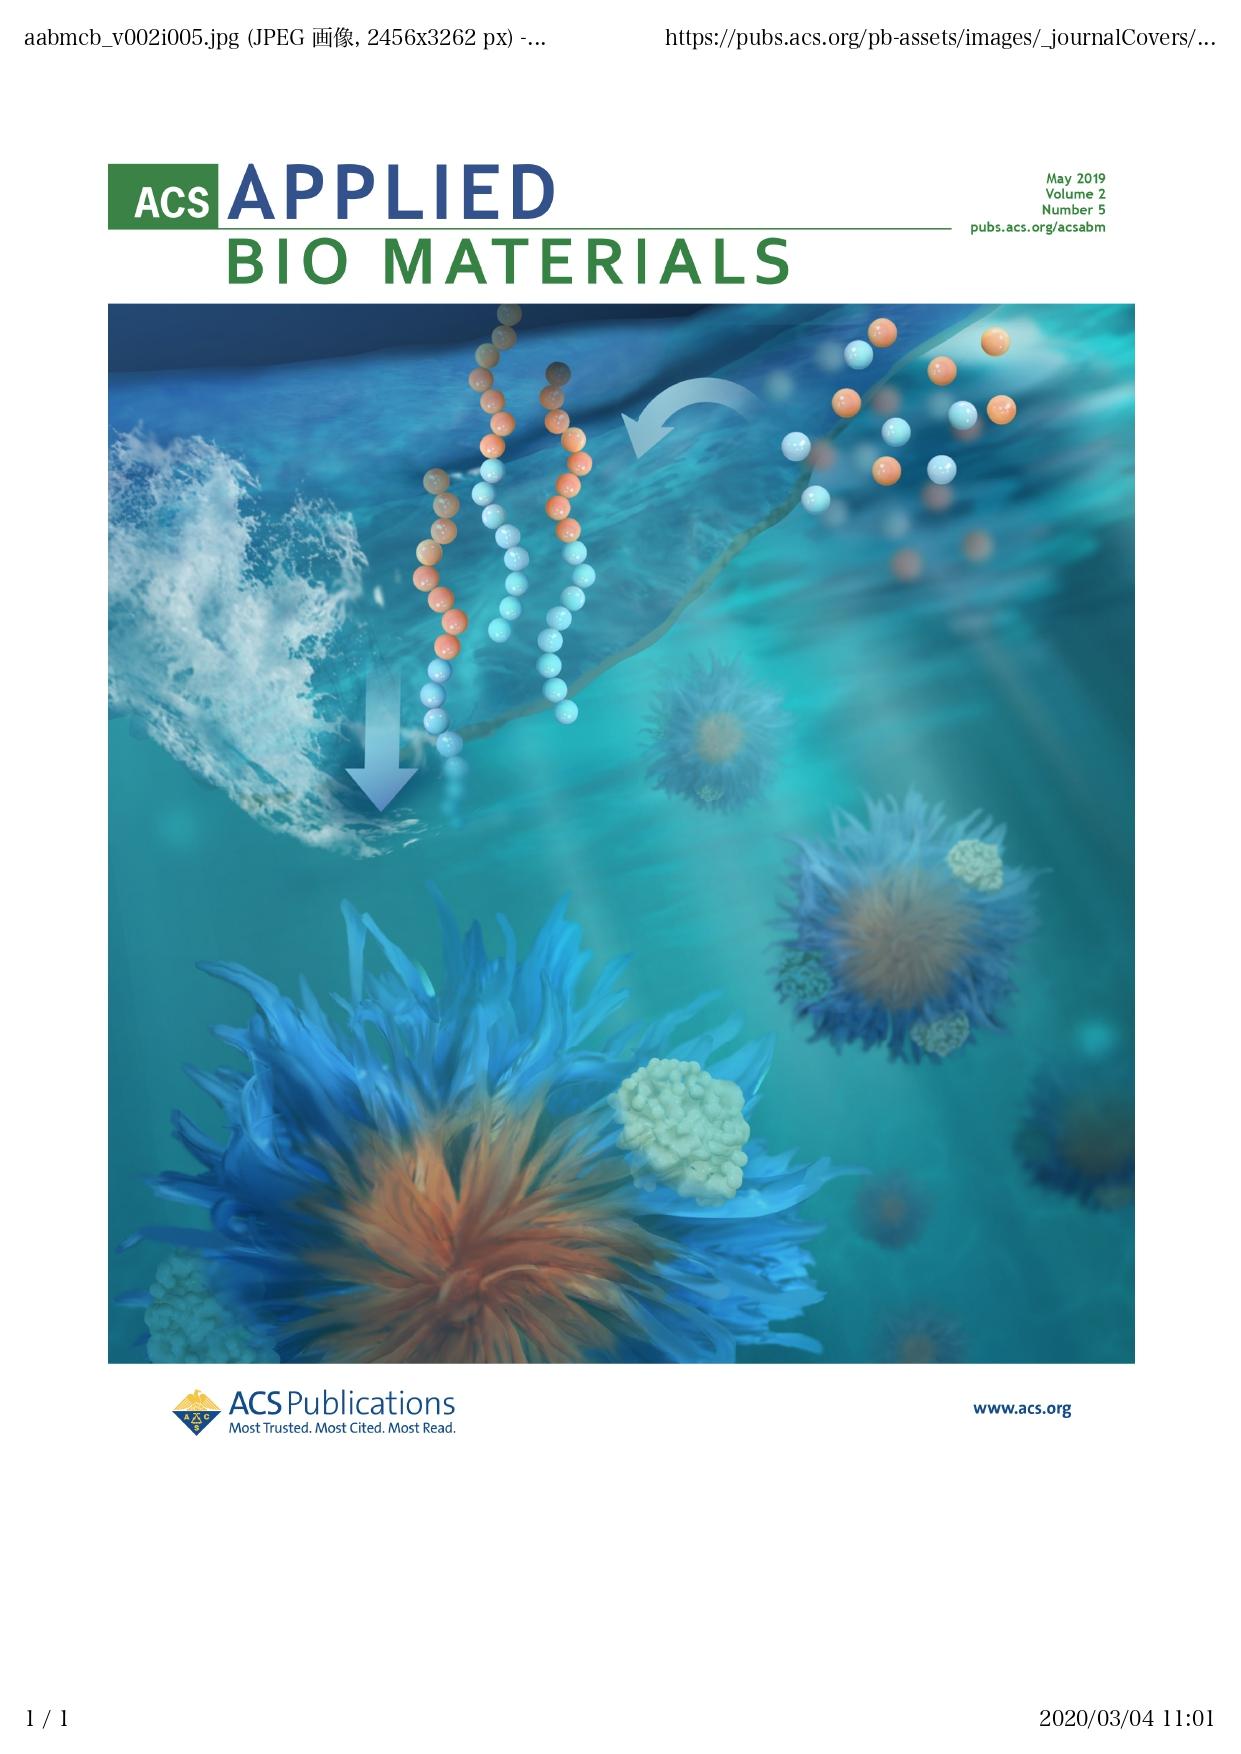 Y. Koda et al., ACS Applied Bio Materials, 2019